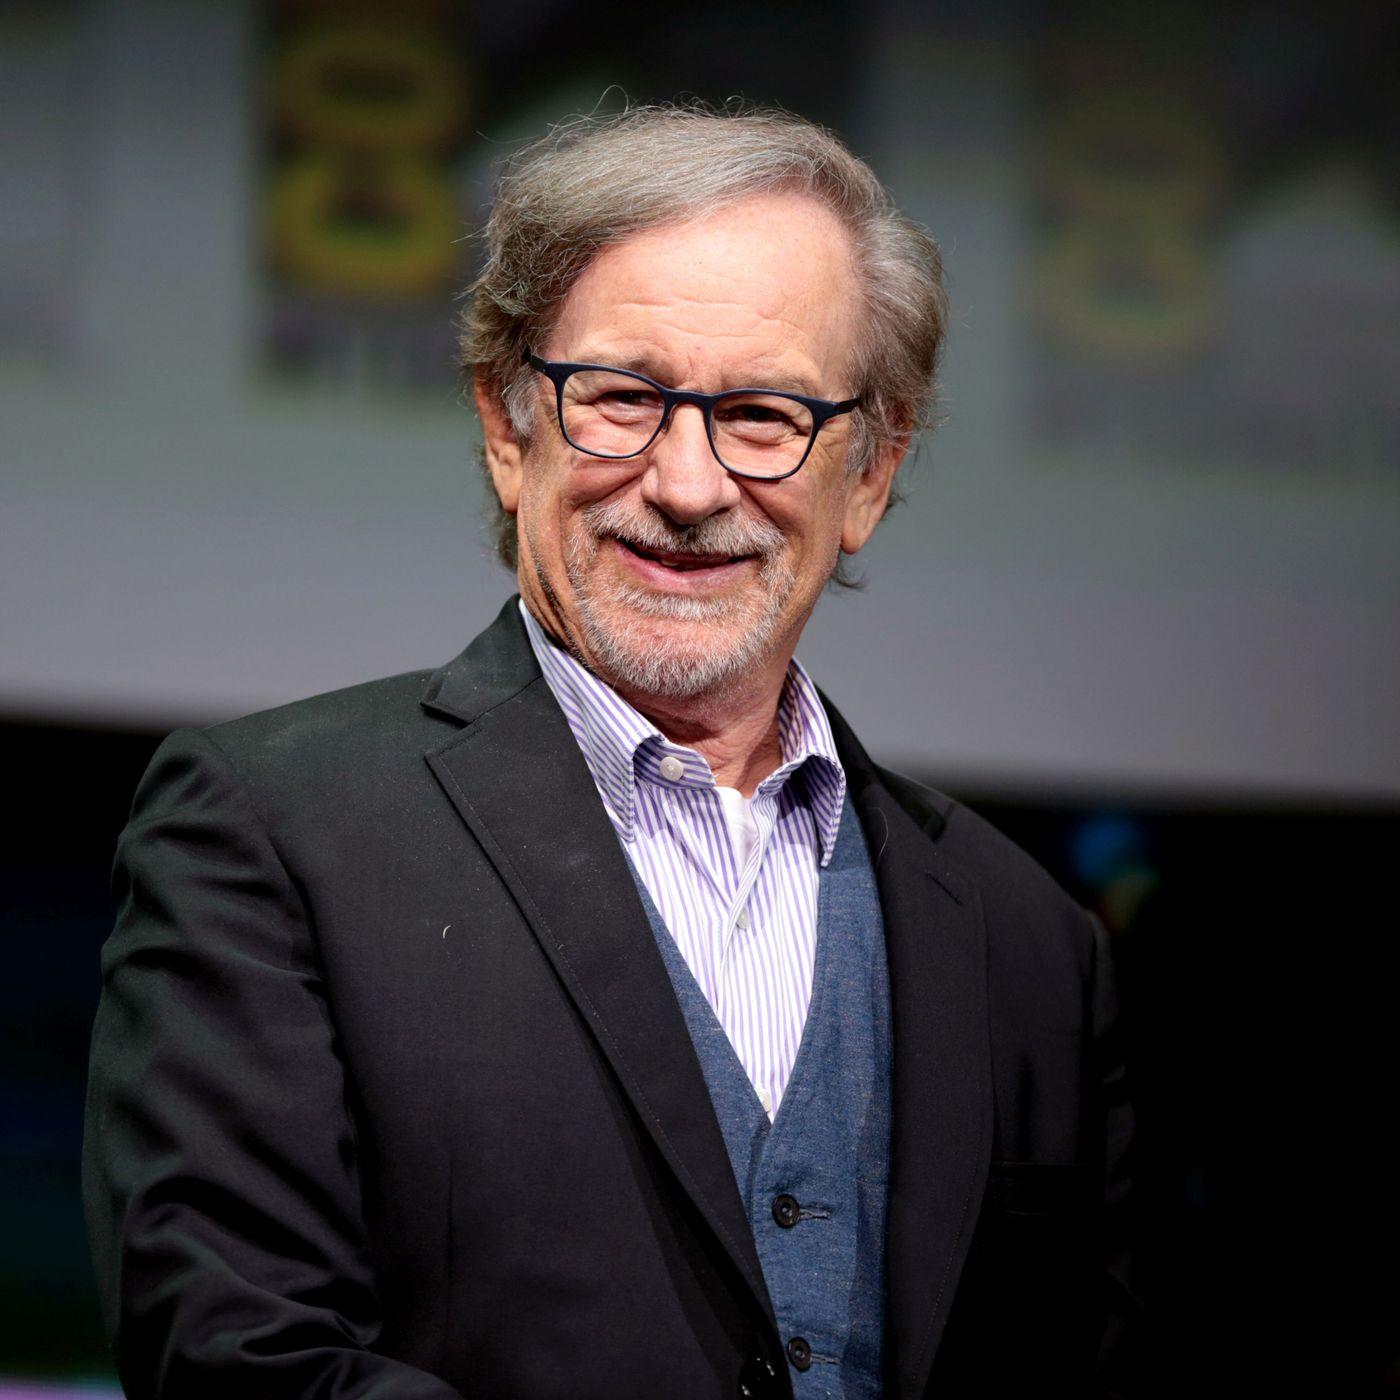 21. O tym jak Spielberg walczył z Hitlerem i zmienił kinematografię